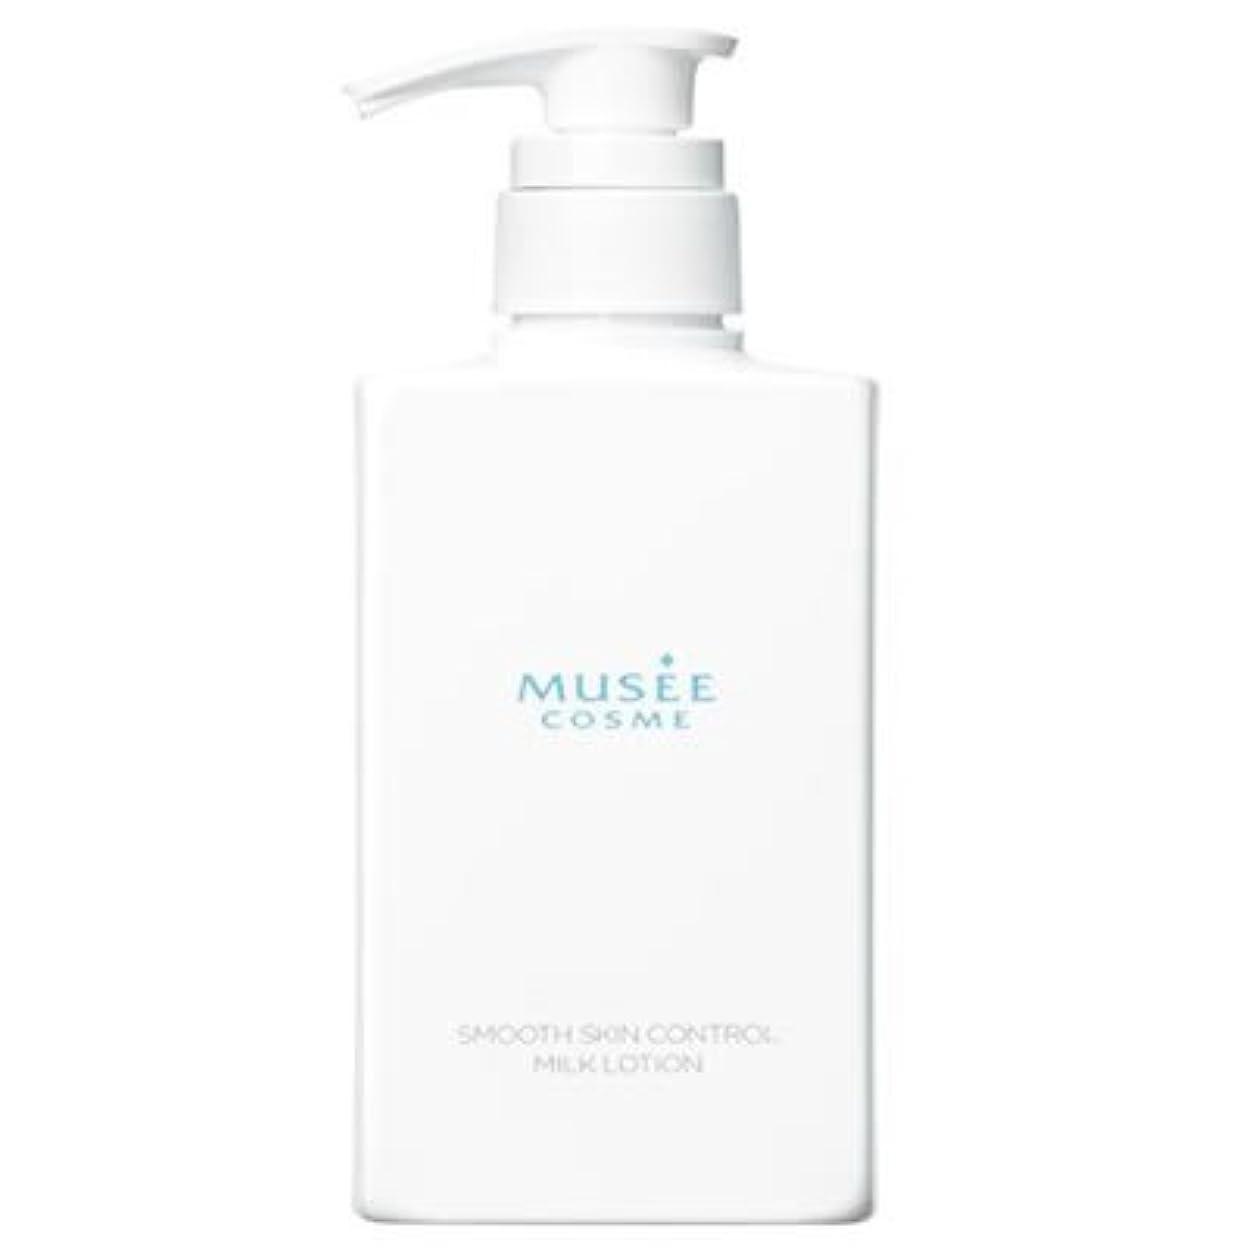 ミュゼ 薬用スムーススキンコントロールミルクローション 300ml スイートイランイランの香り